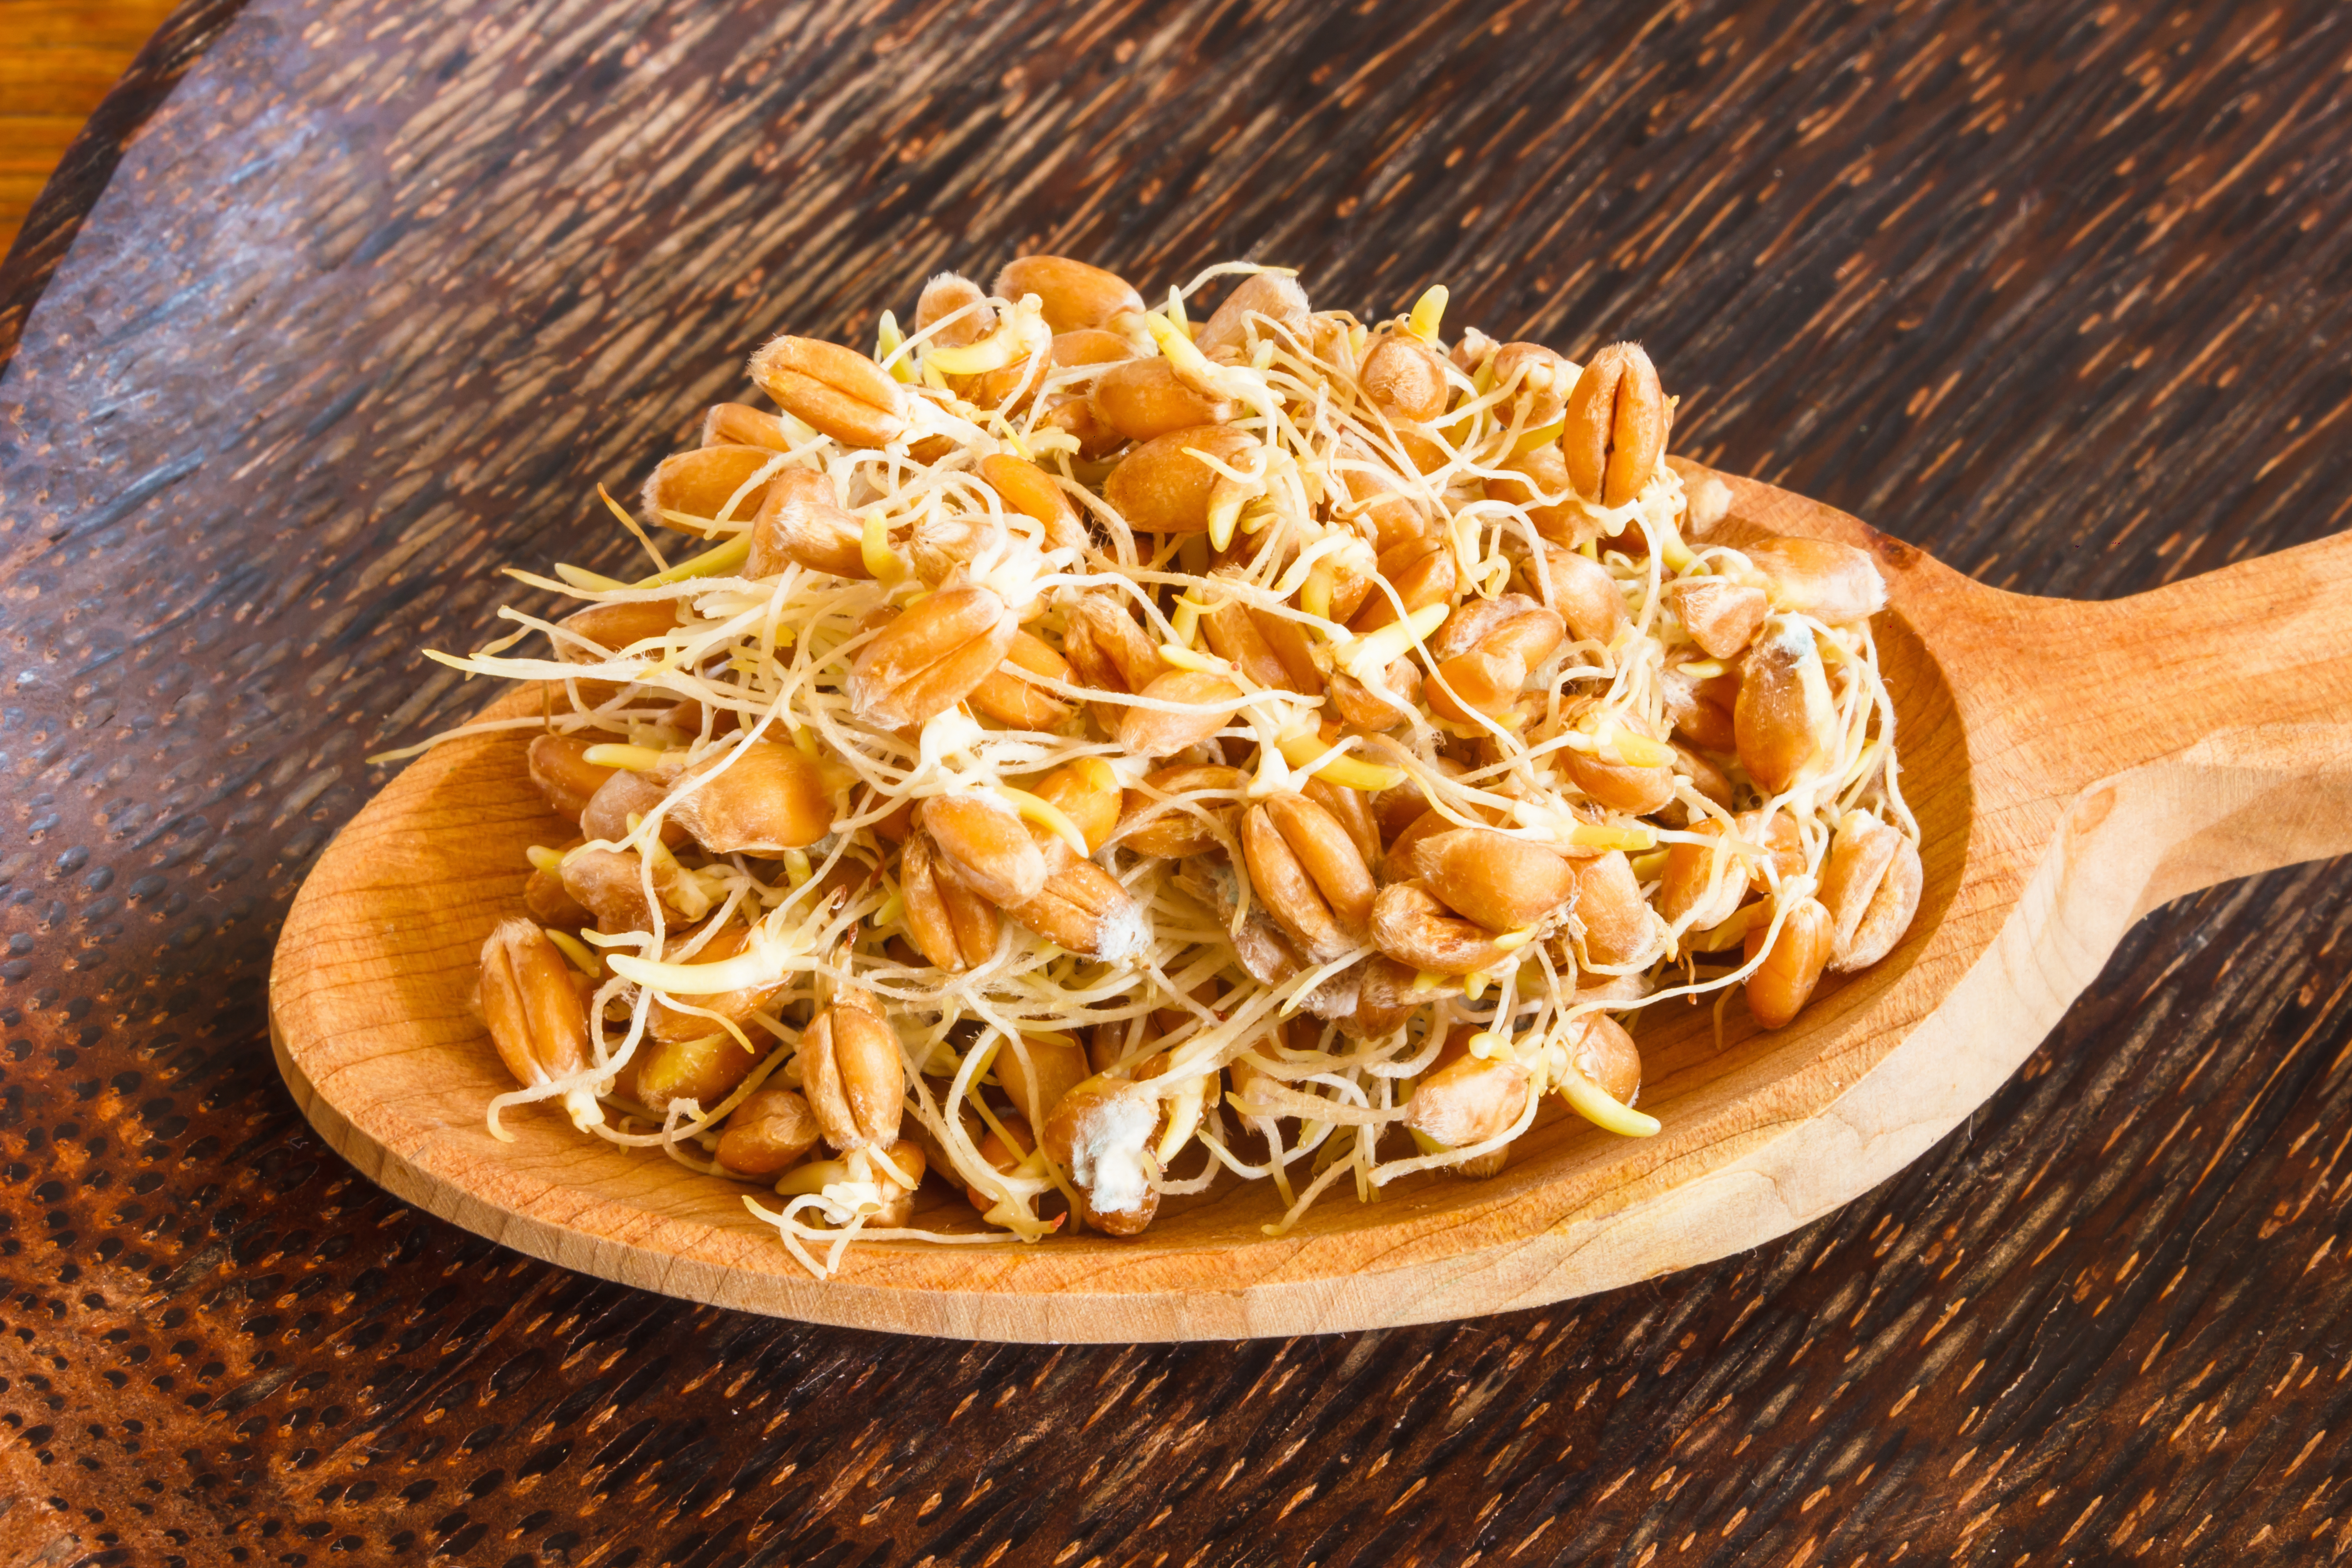 Учёные относят проросшие зёрна пшеницы к ценнейшим оздоровительным продуктам. Такие зёрна обладают повышенной биологической ценностью и являются прекрасным лечебным питанием